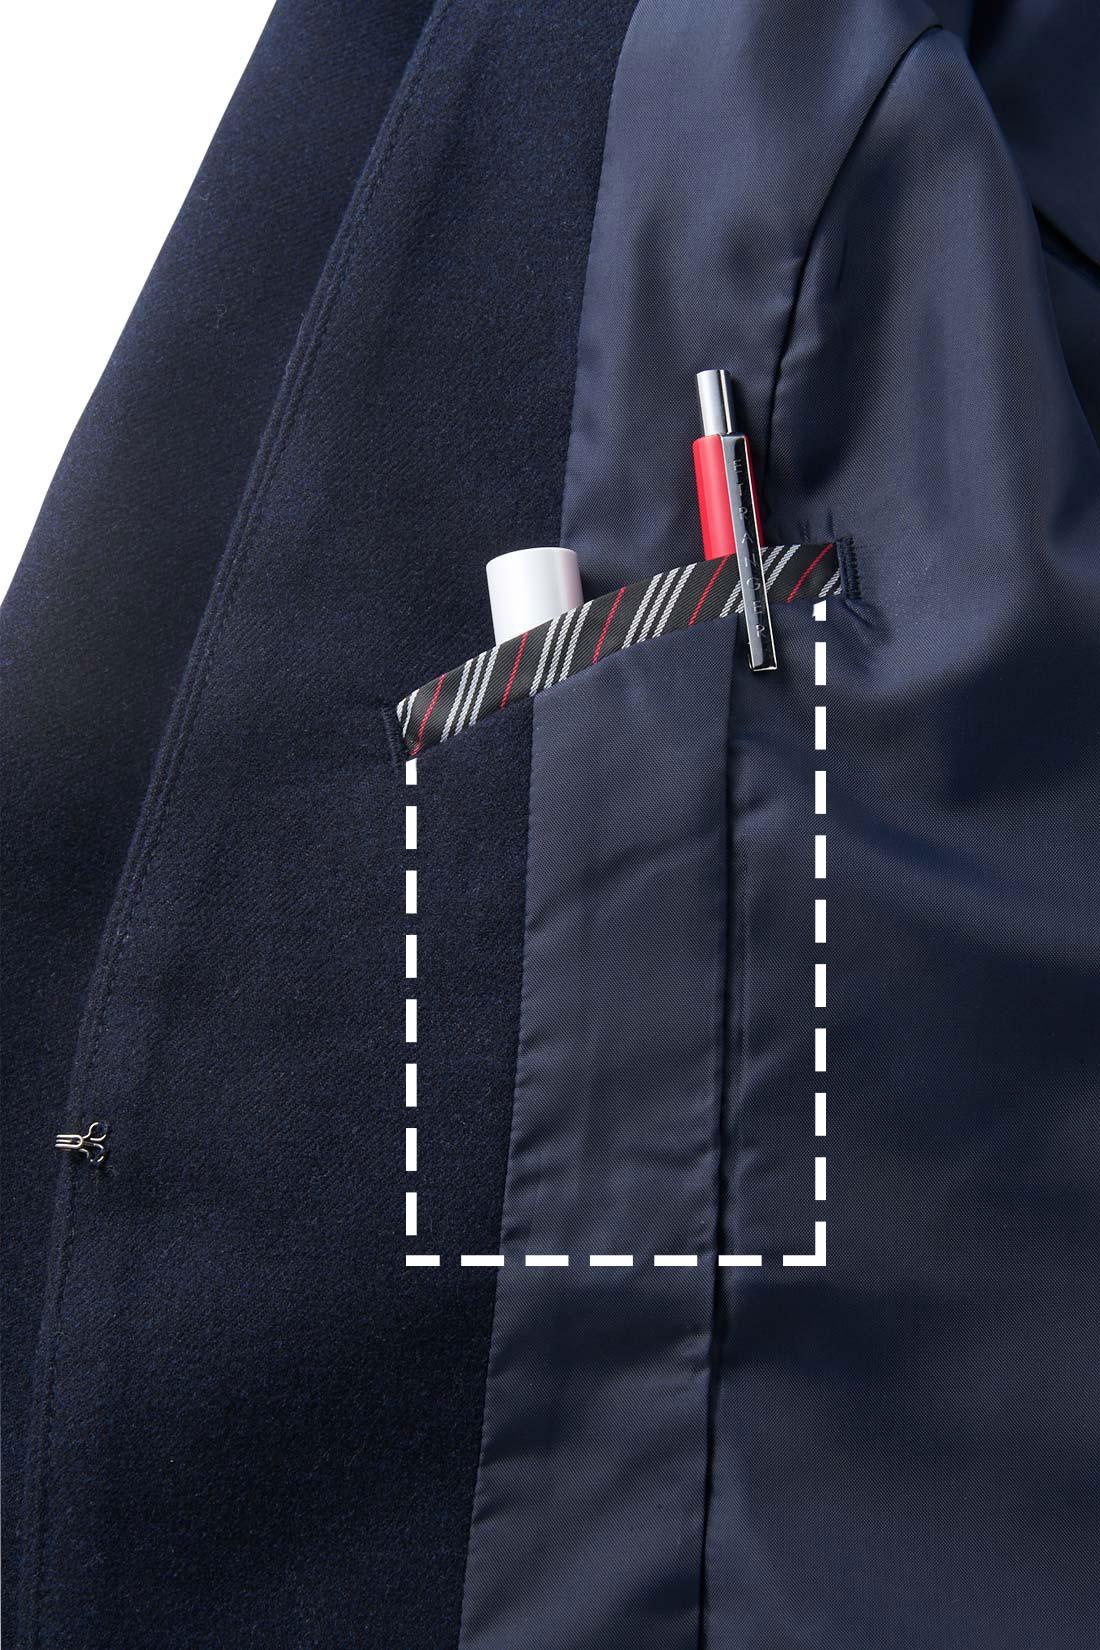 充実の内ポケット。ナナメカットでペンとリップがちょうど入って取り出しやすい設計に